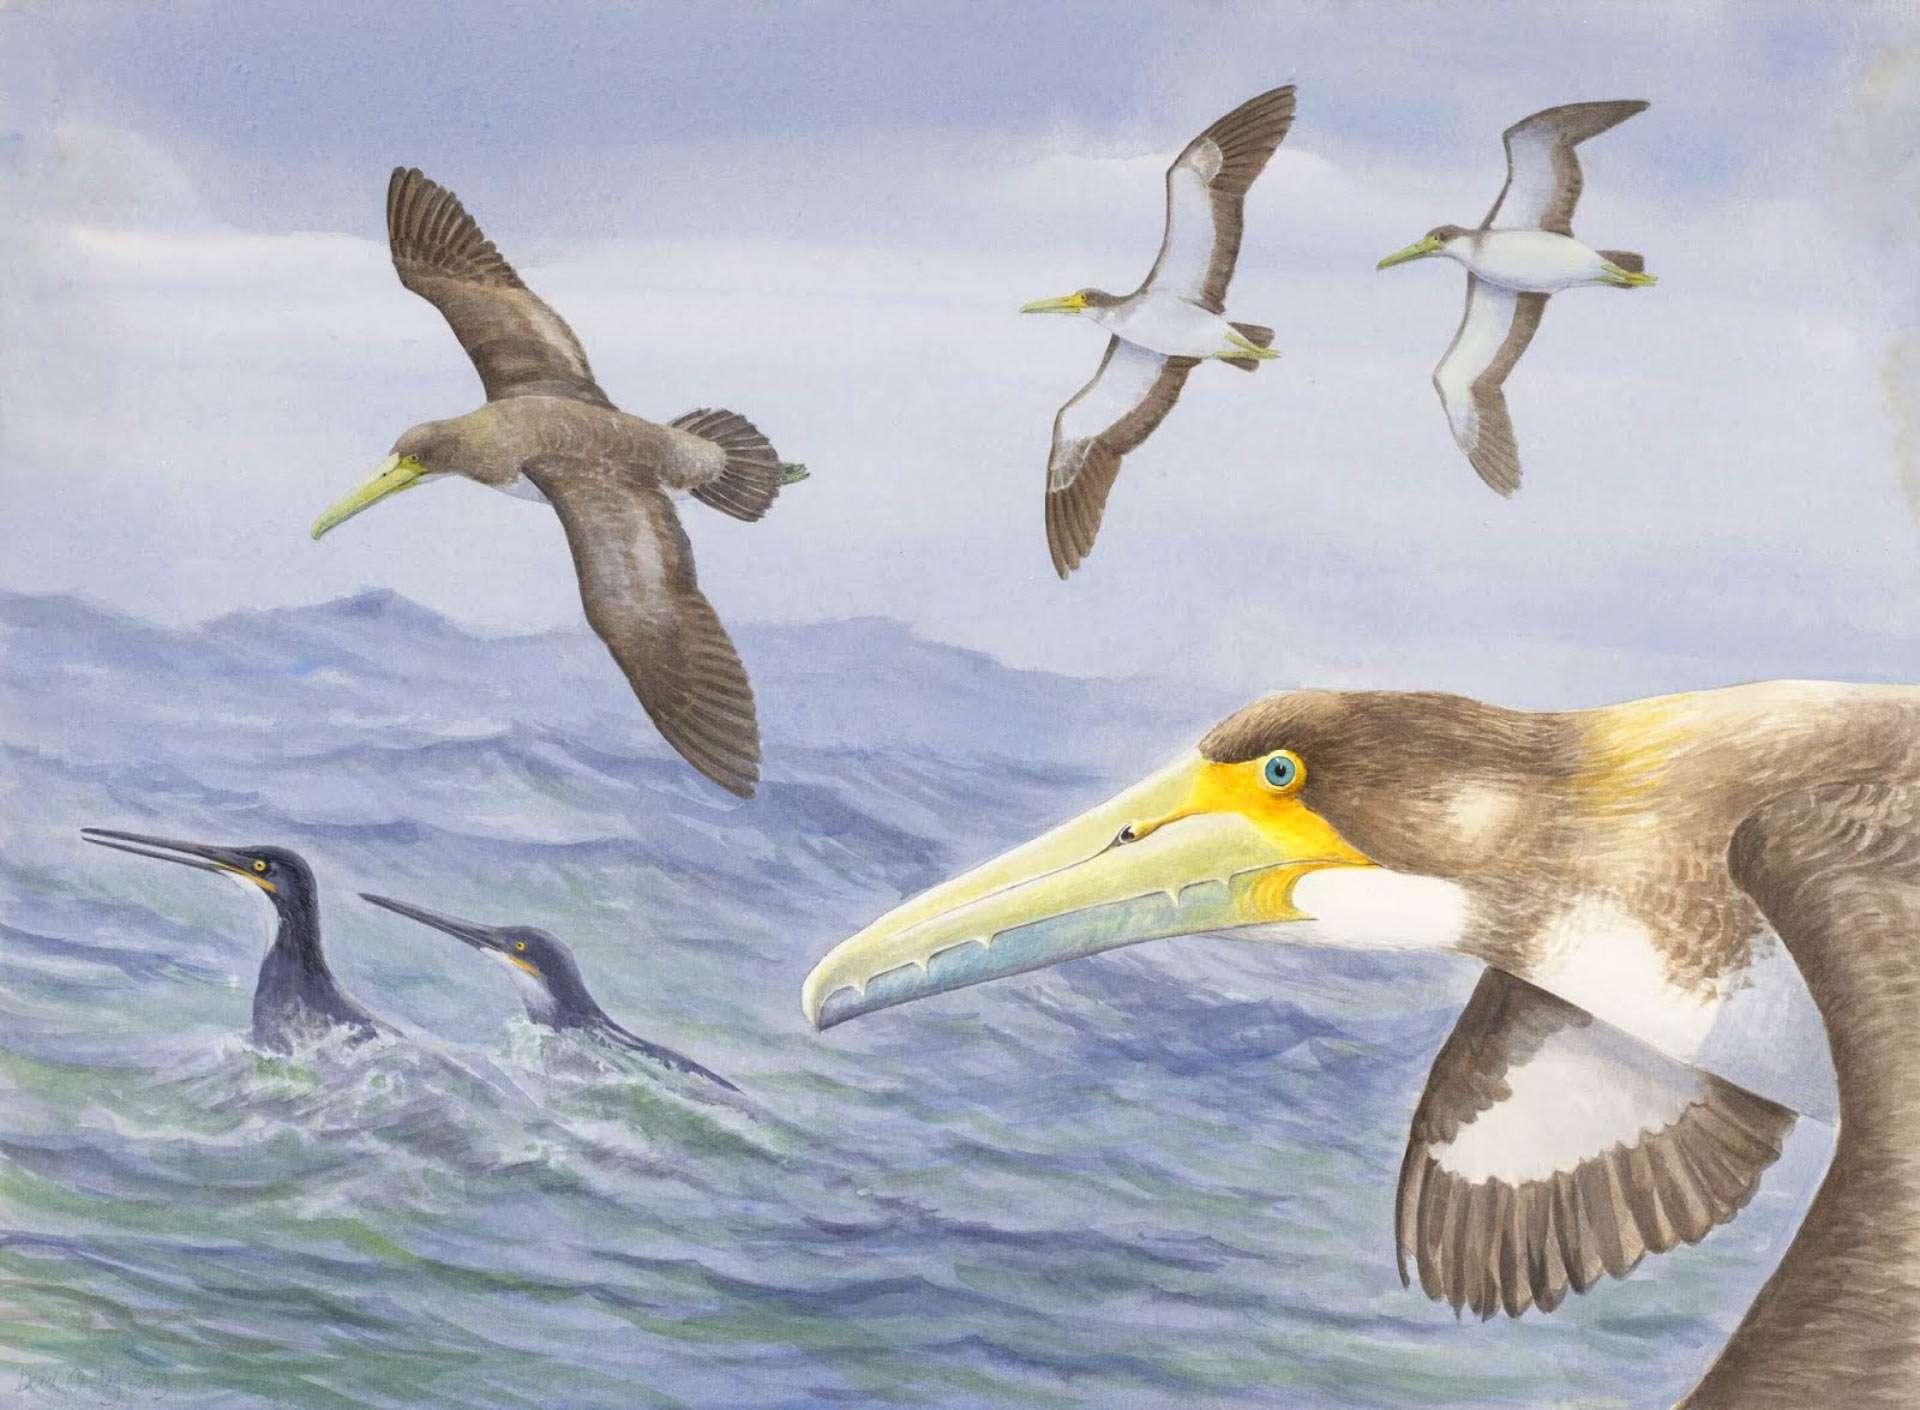 Le plus vieil oiseau découvert au monde n'était pas plus grand qu'une mouette moderne. © Derek Onley, Canterbury Museum.